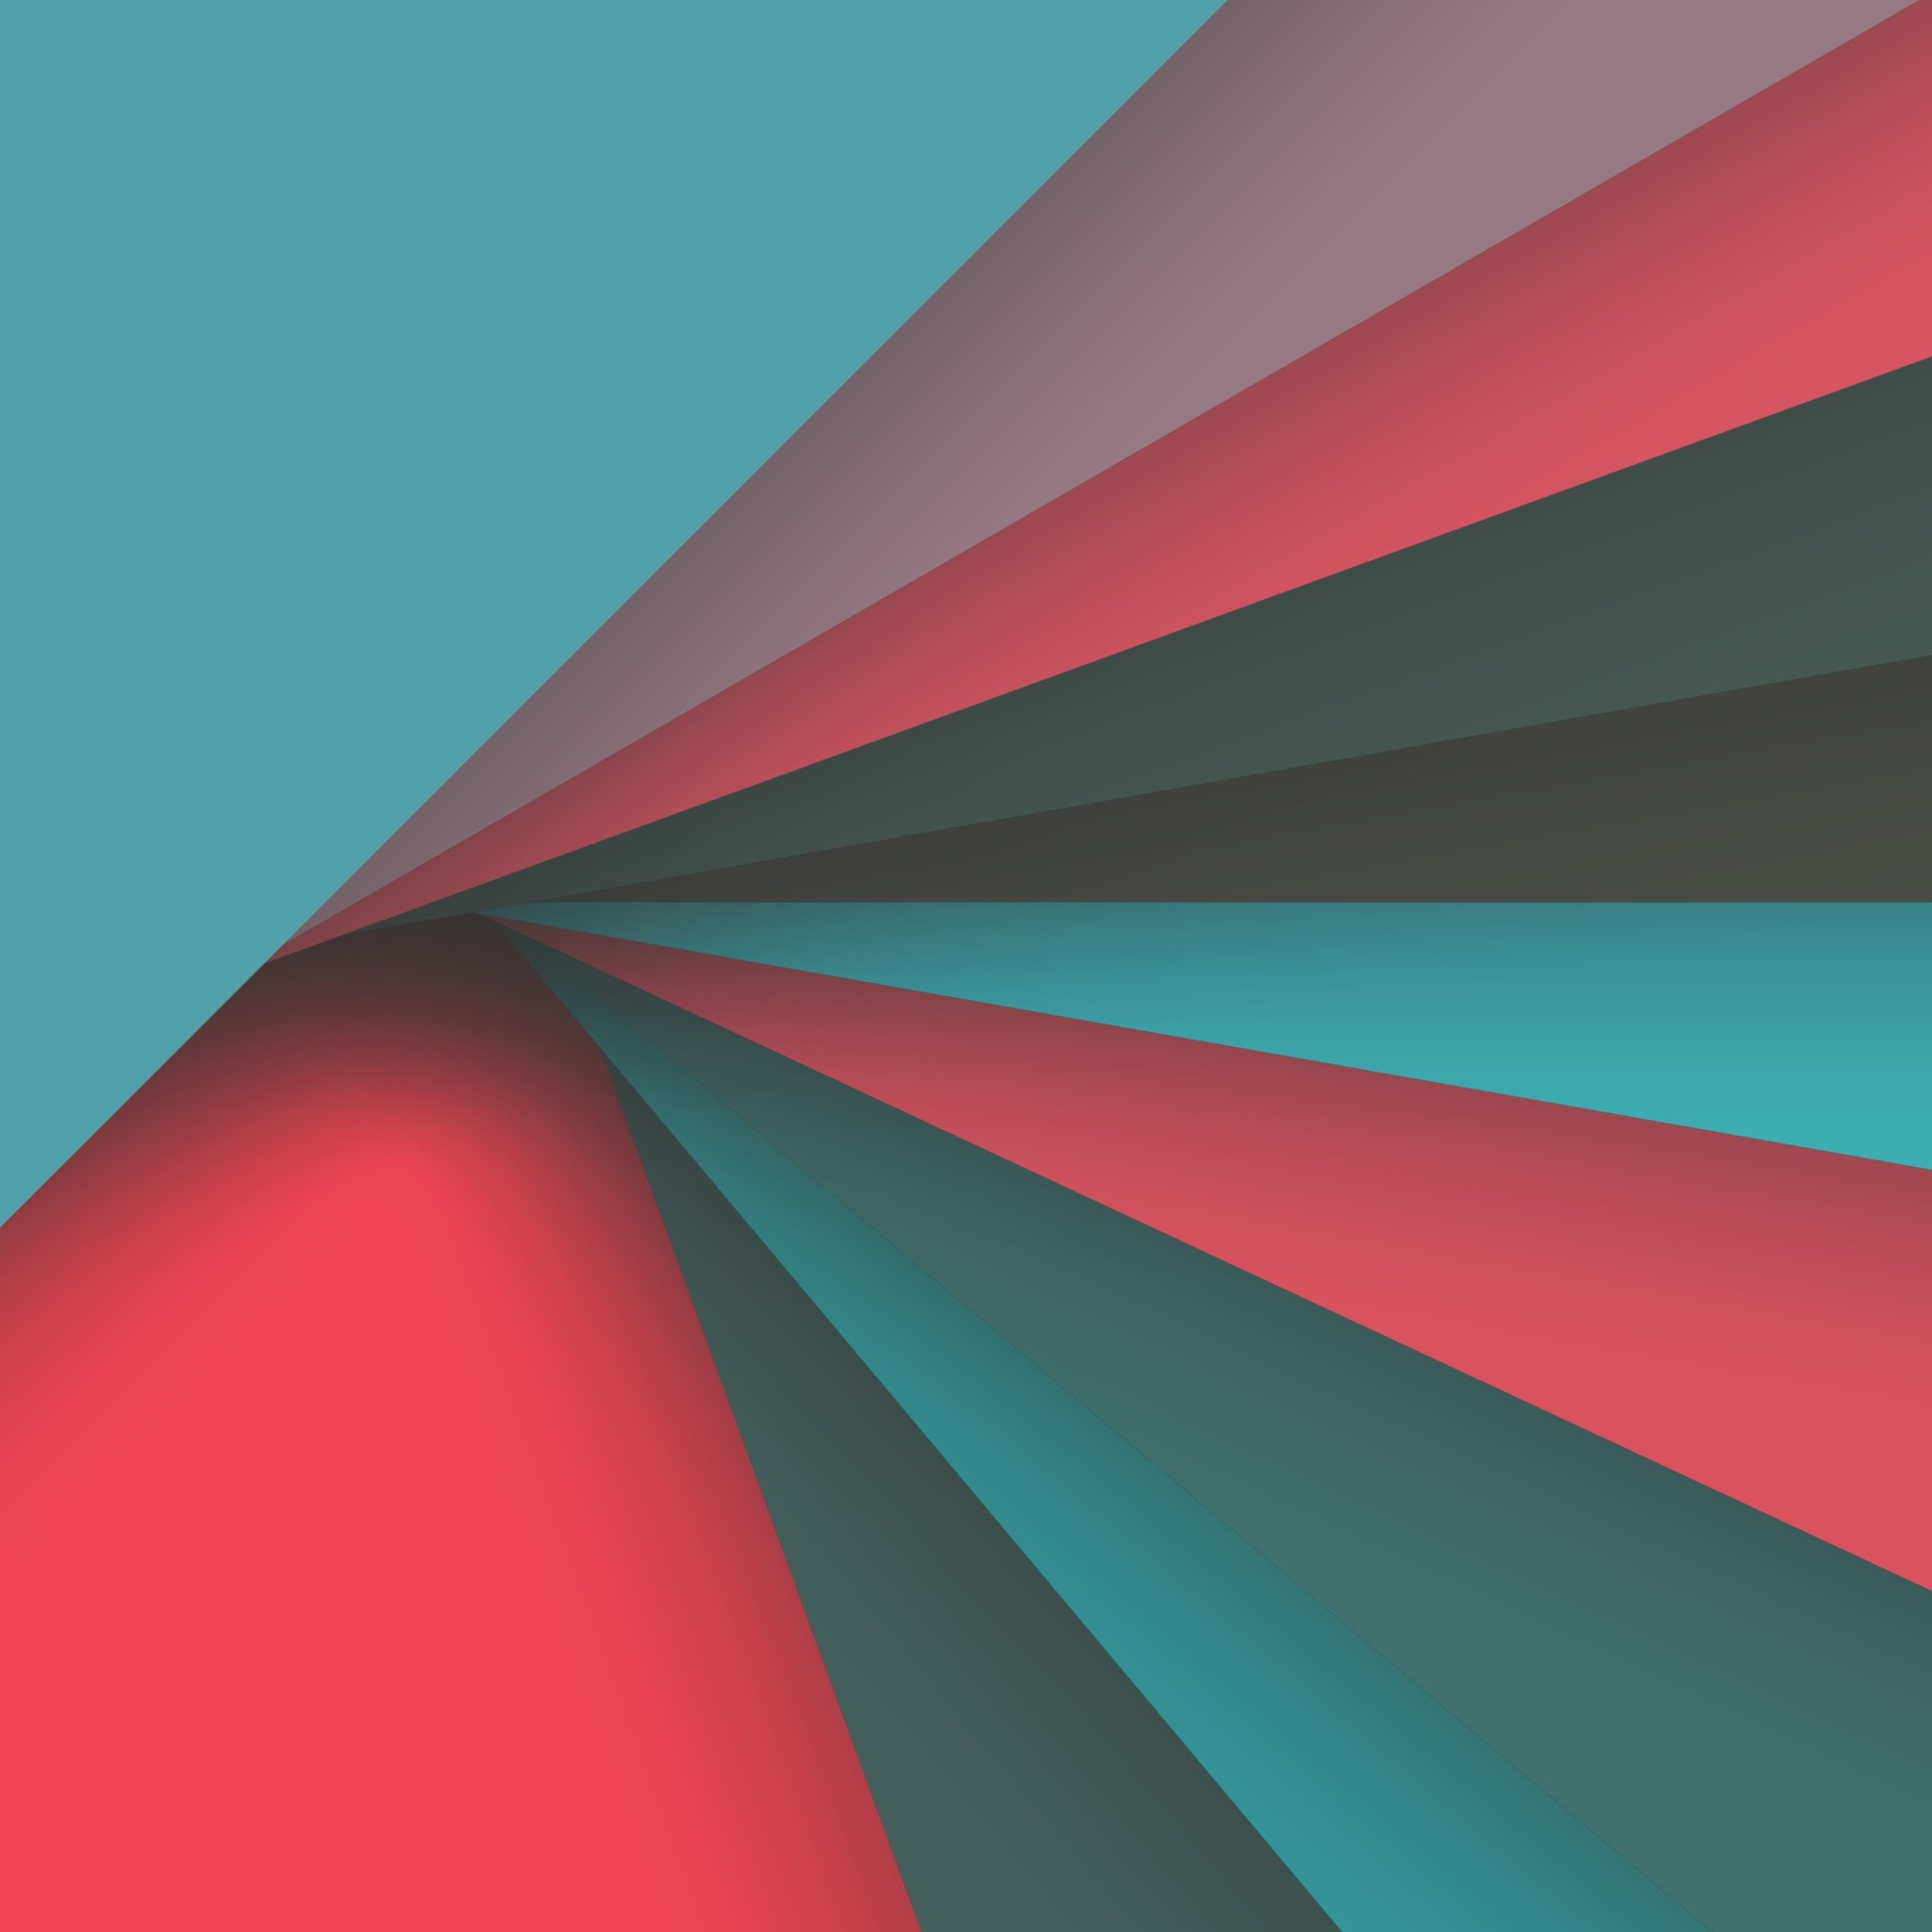 material_design_wallpaper (5)